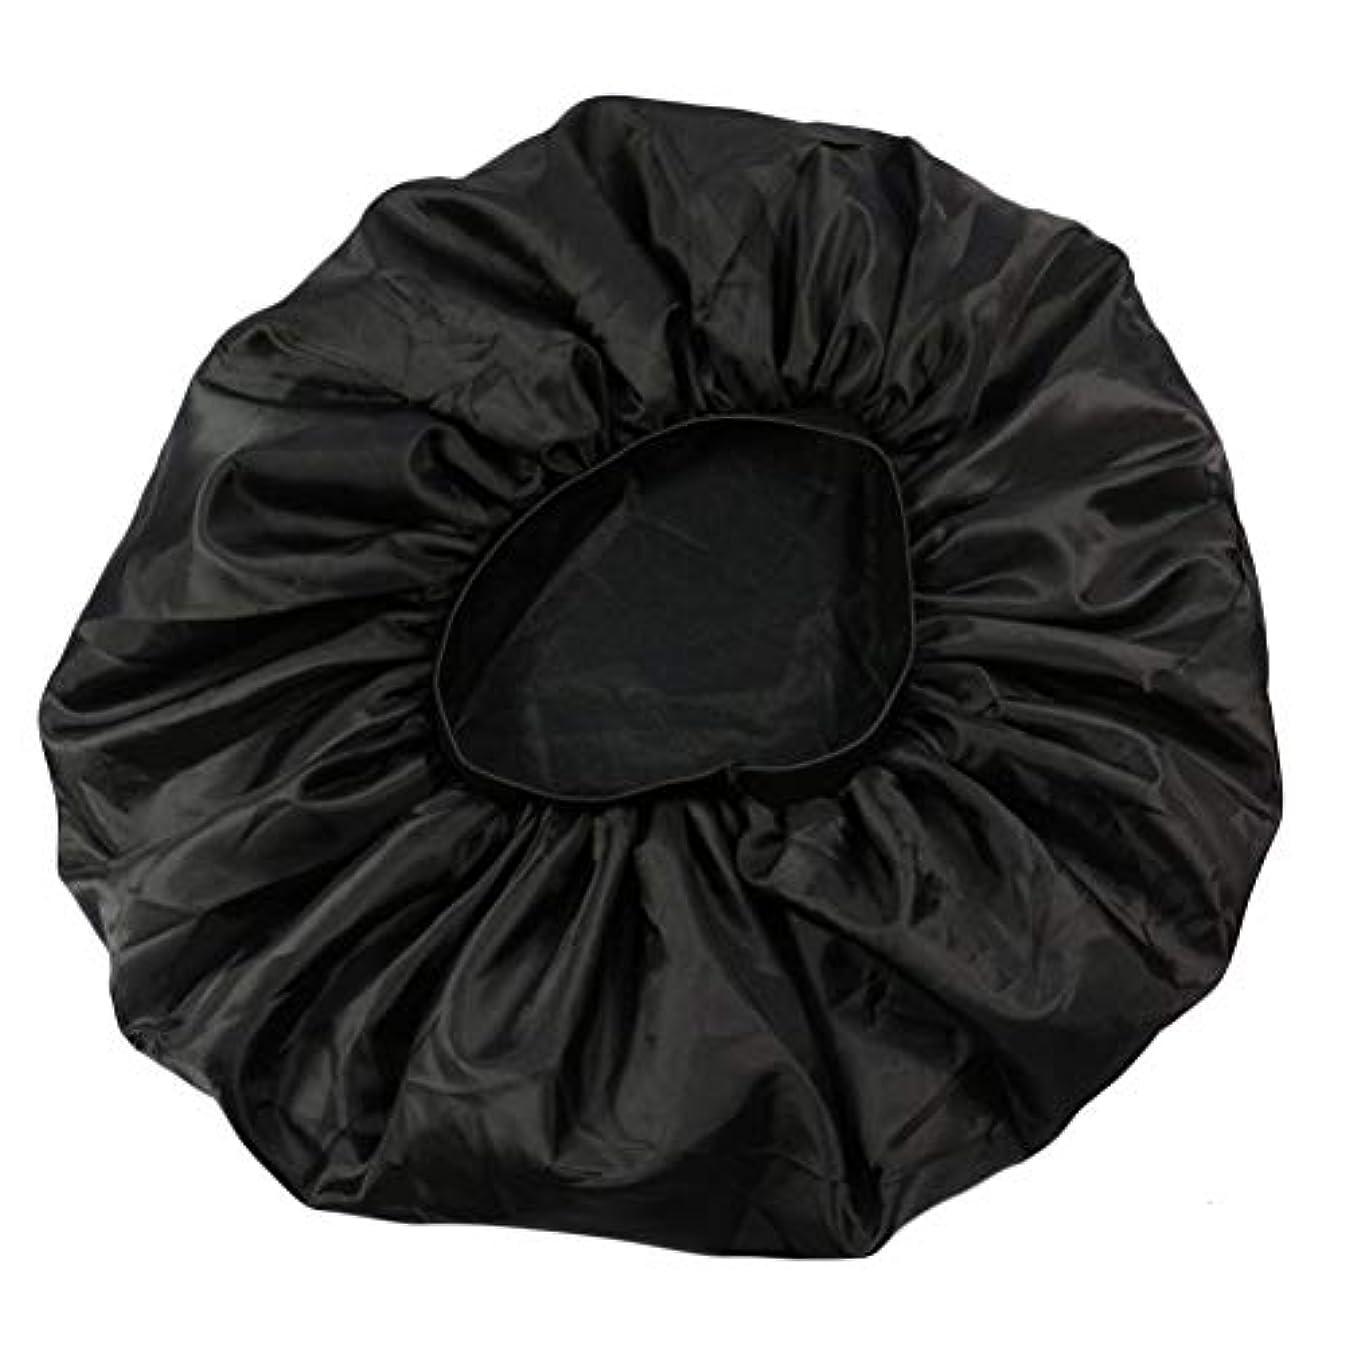 研磨剤突き出す担保Lurrose 特大伸縮性のあるスリーピングキャップ防毛ナイトキャップサテンスリーピングキャップ(ブラック)